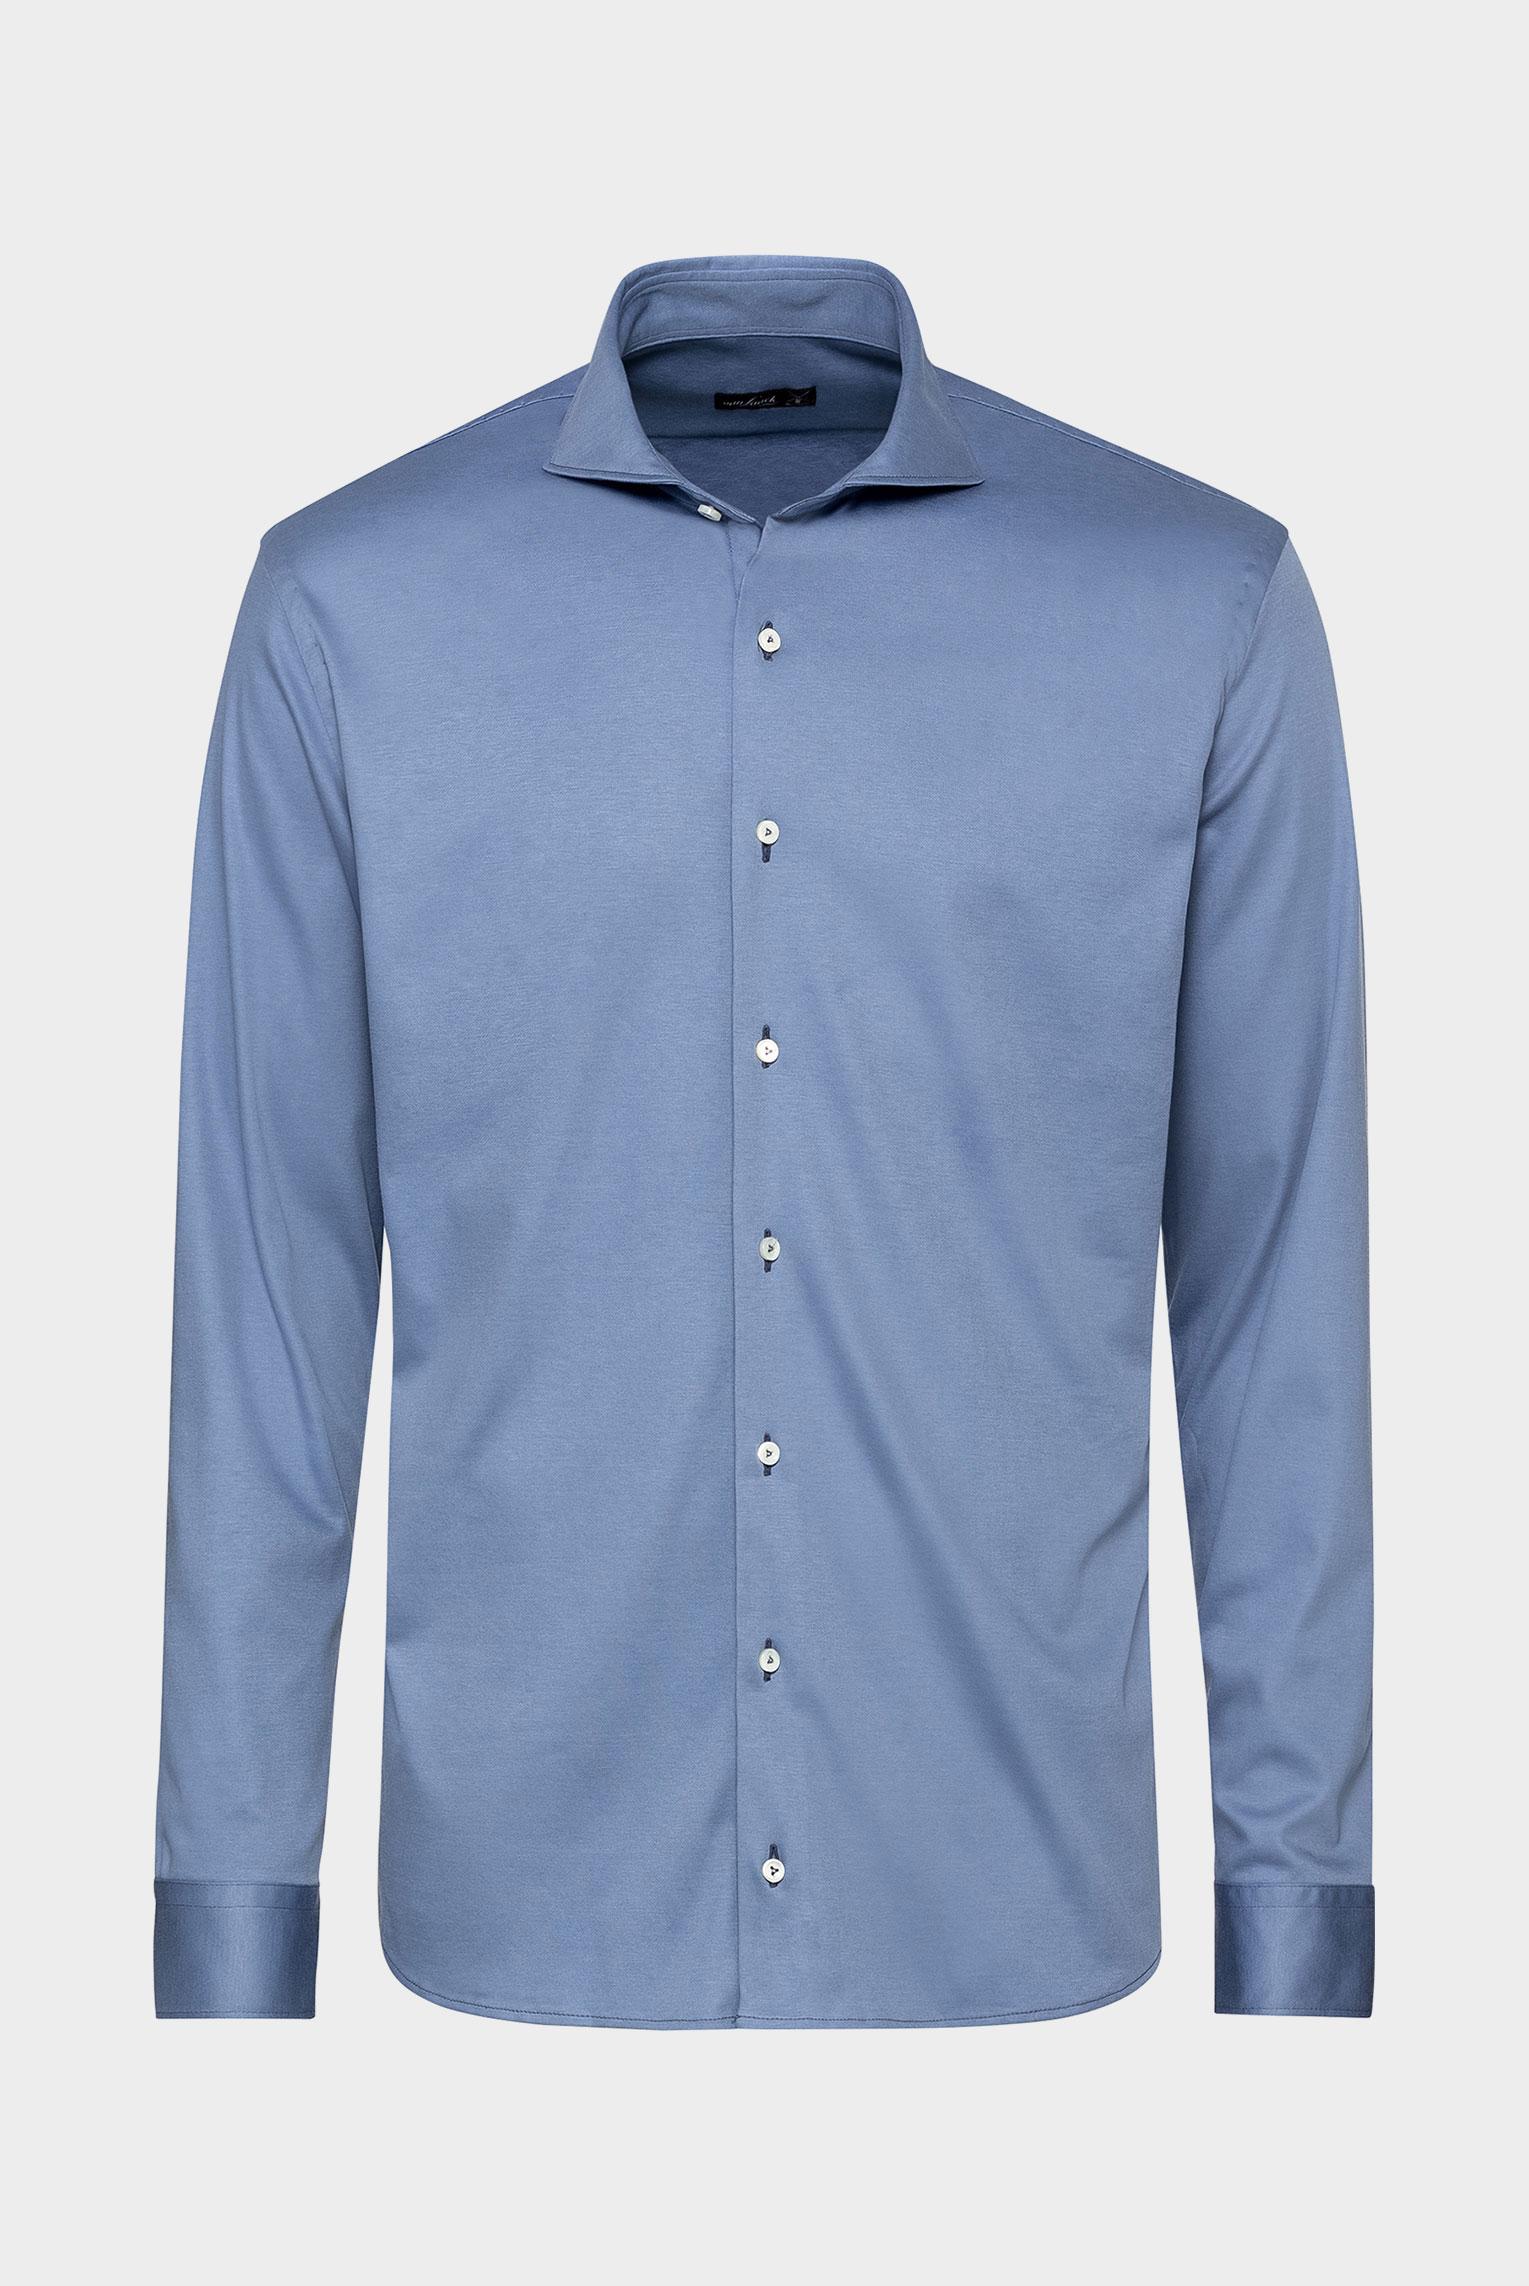 Jersey Shirts+M-PER-L+20.1683.UC.180031.760.XXL